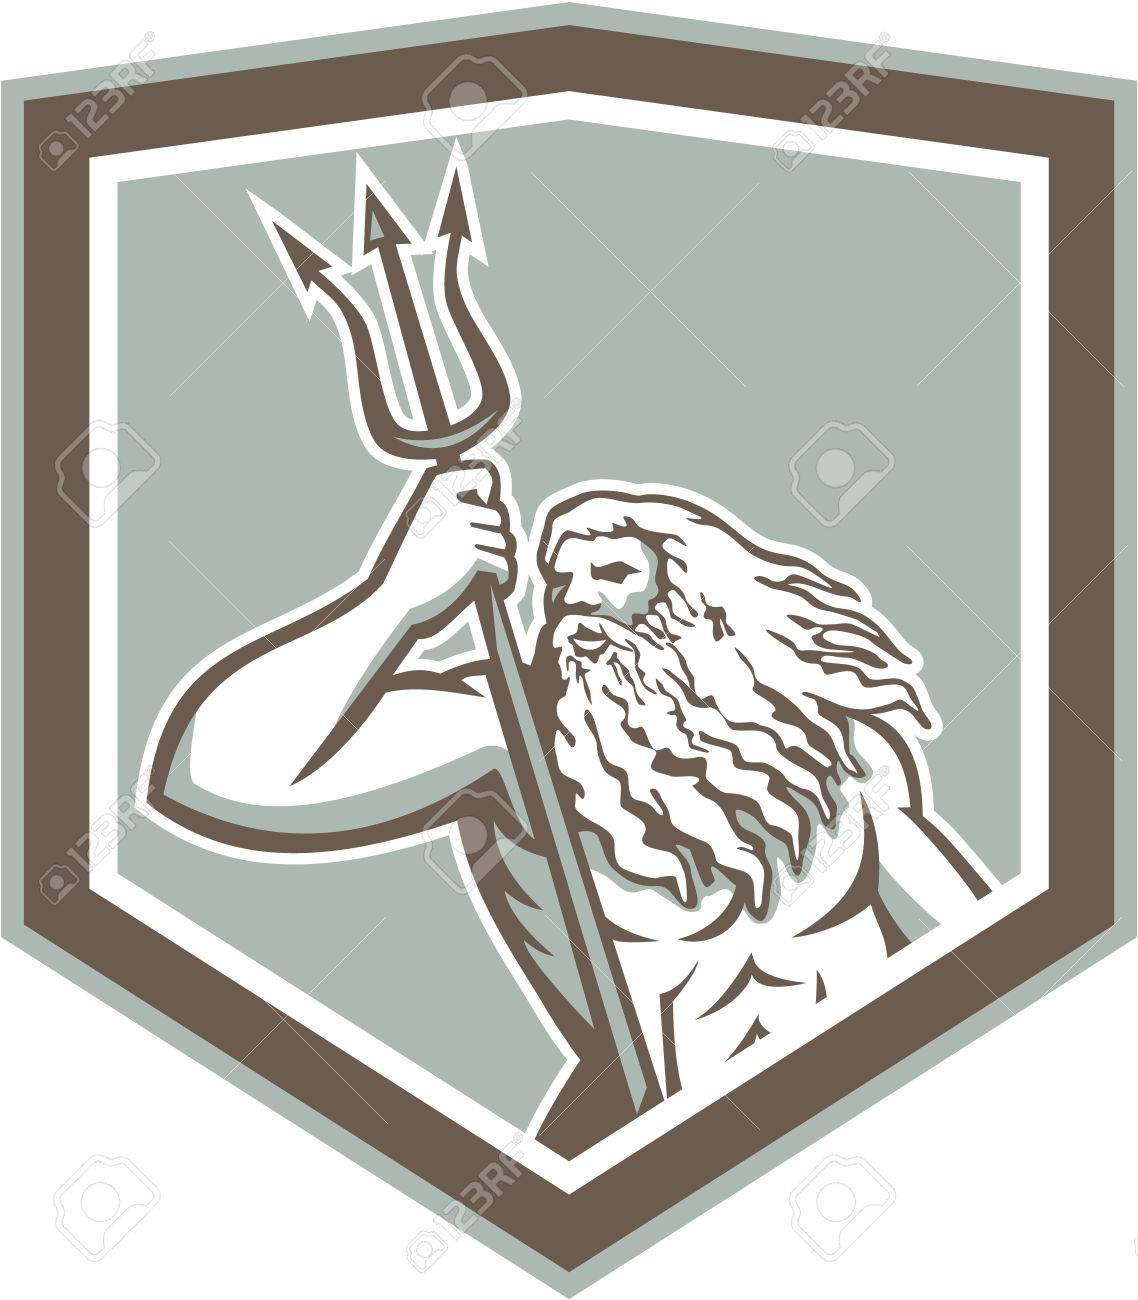 Illustration of Roman god of sea Neptune or Poseidon of Greek mythology holding a trident set inside shield crest on isolated white background. - 27669772